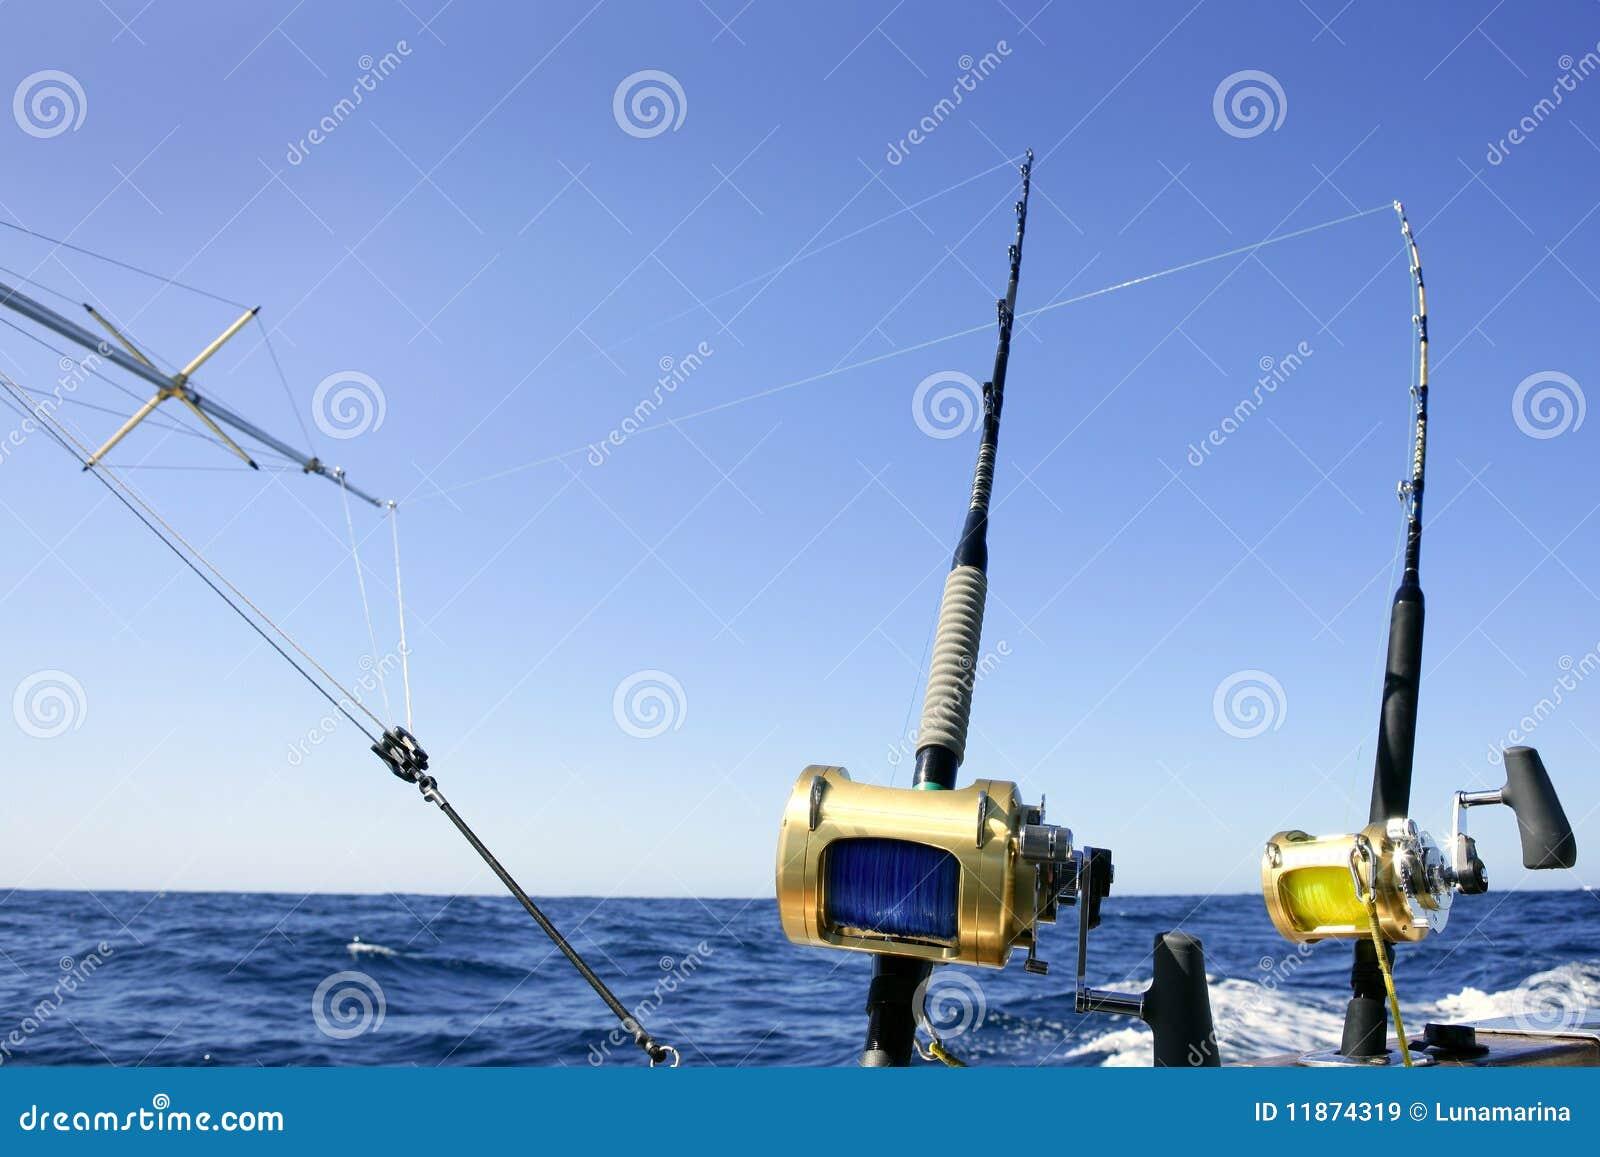 Big game boat fishing in deep sea stock image image of for Deep sea fishing boat